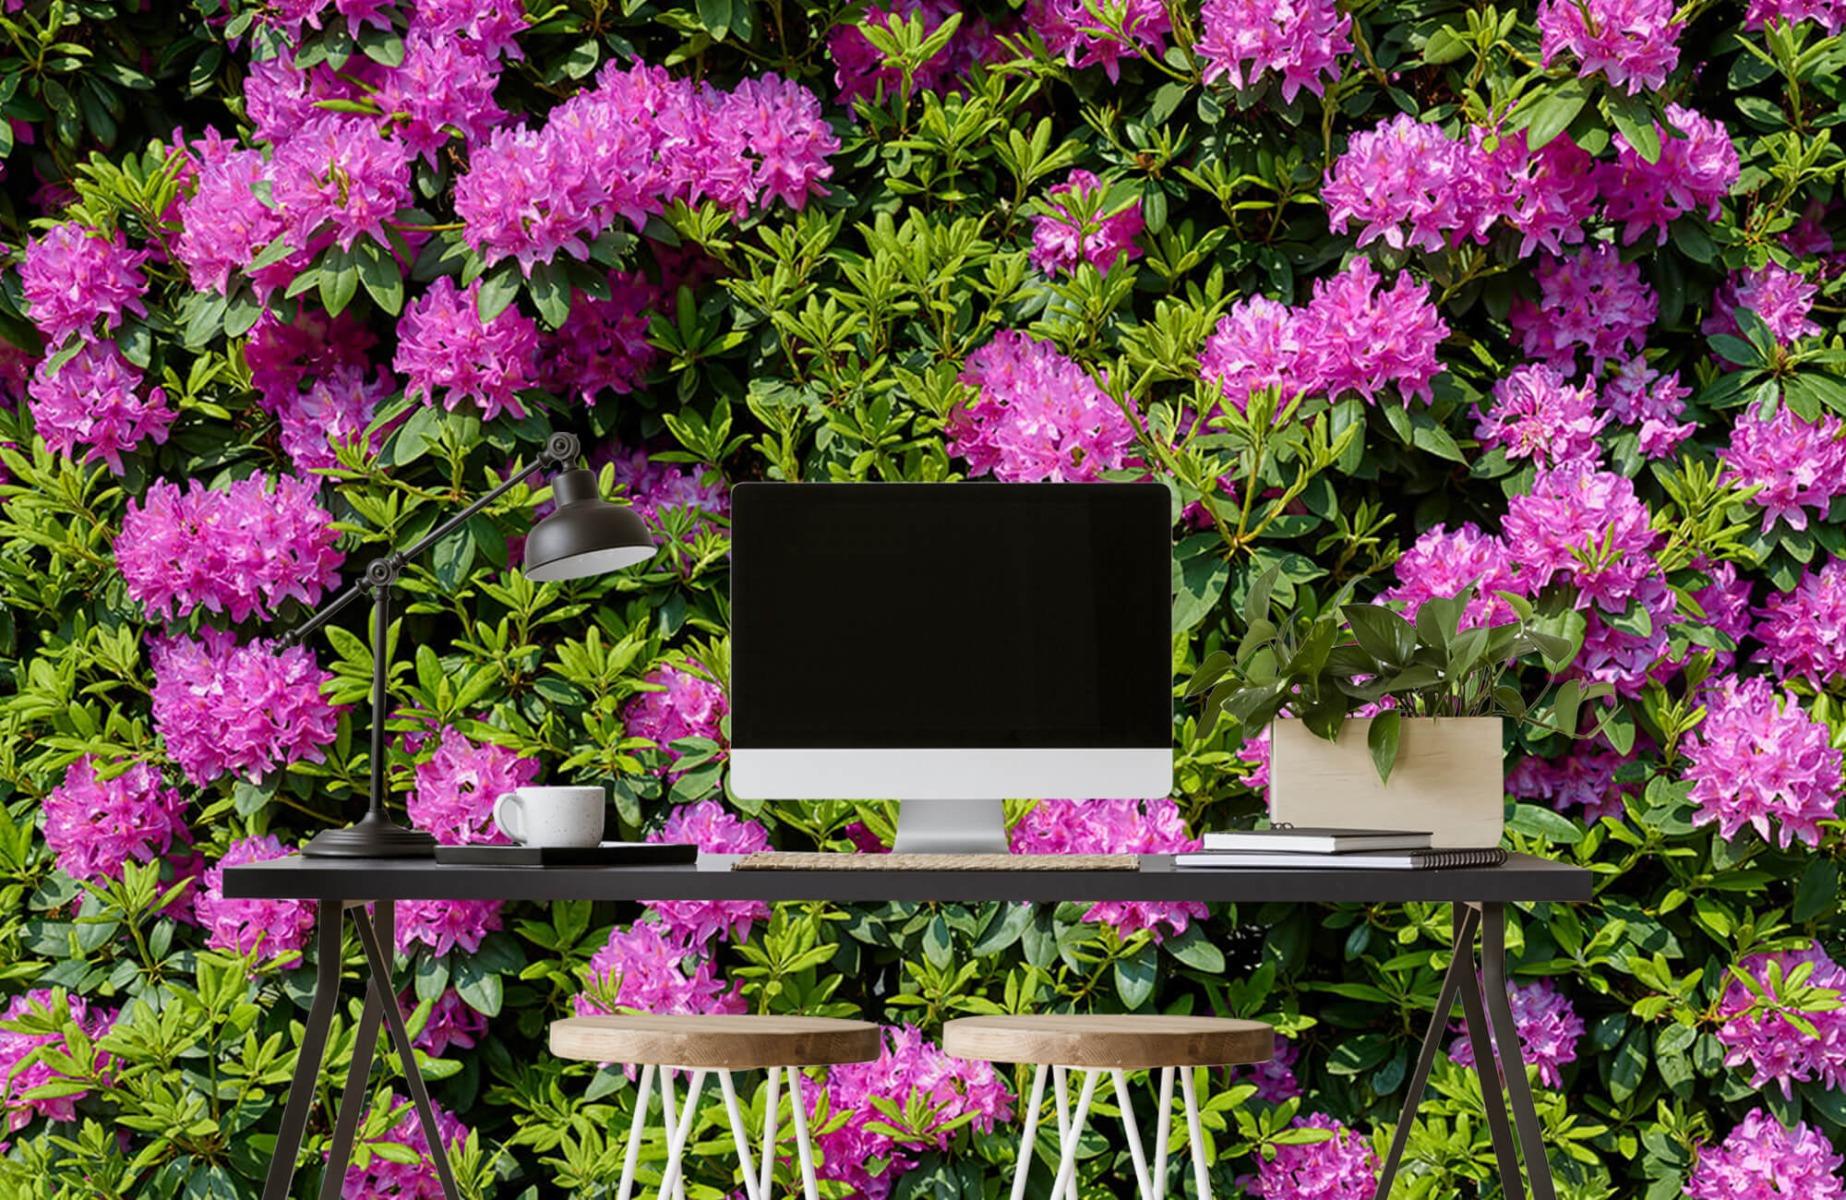 Bloemenvelden - Grote muur van rododendrons - Wallexclusive - Woonkamer 7